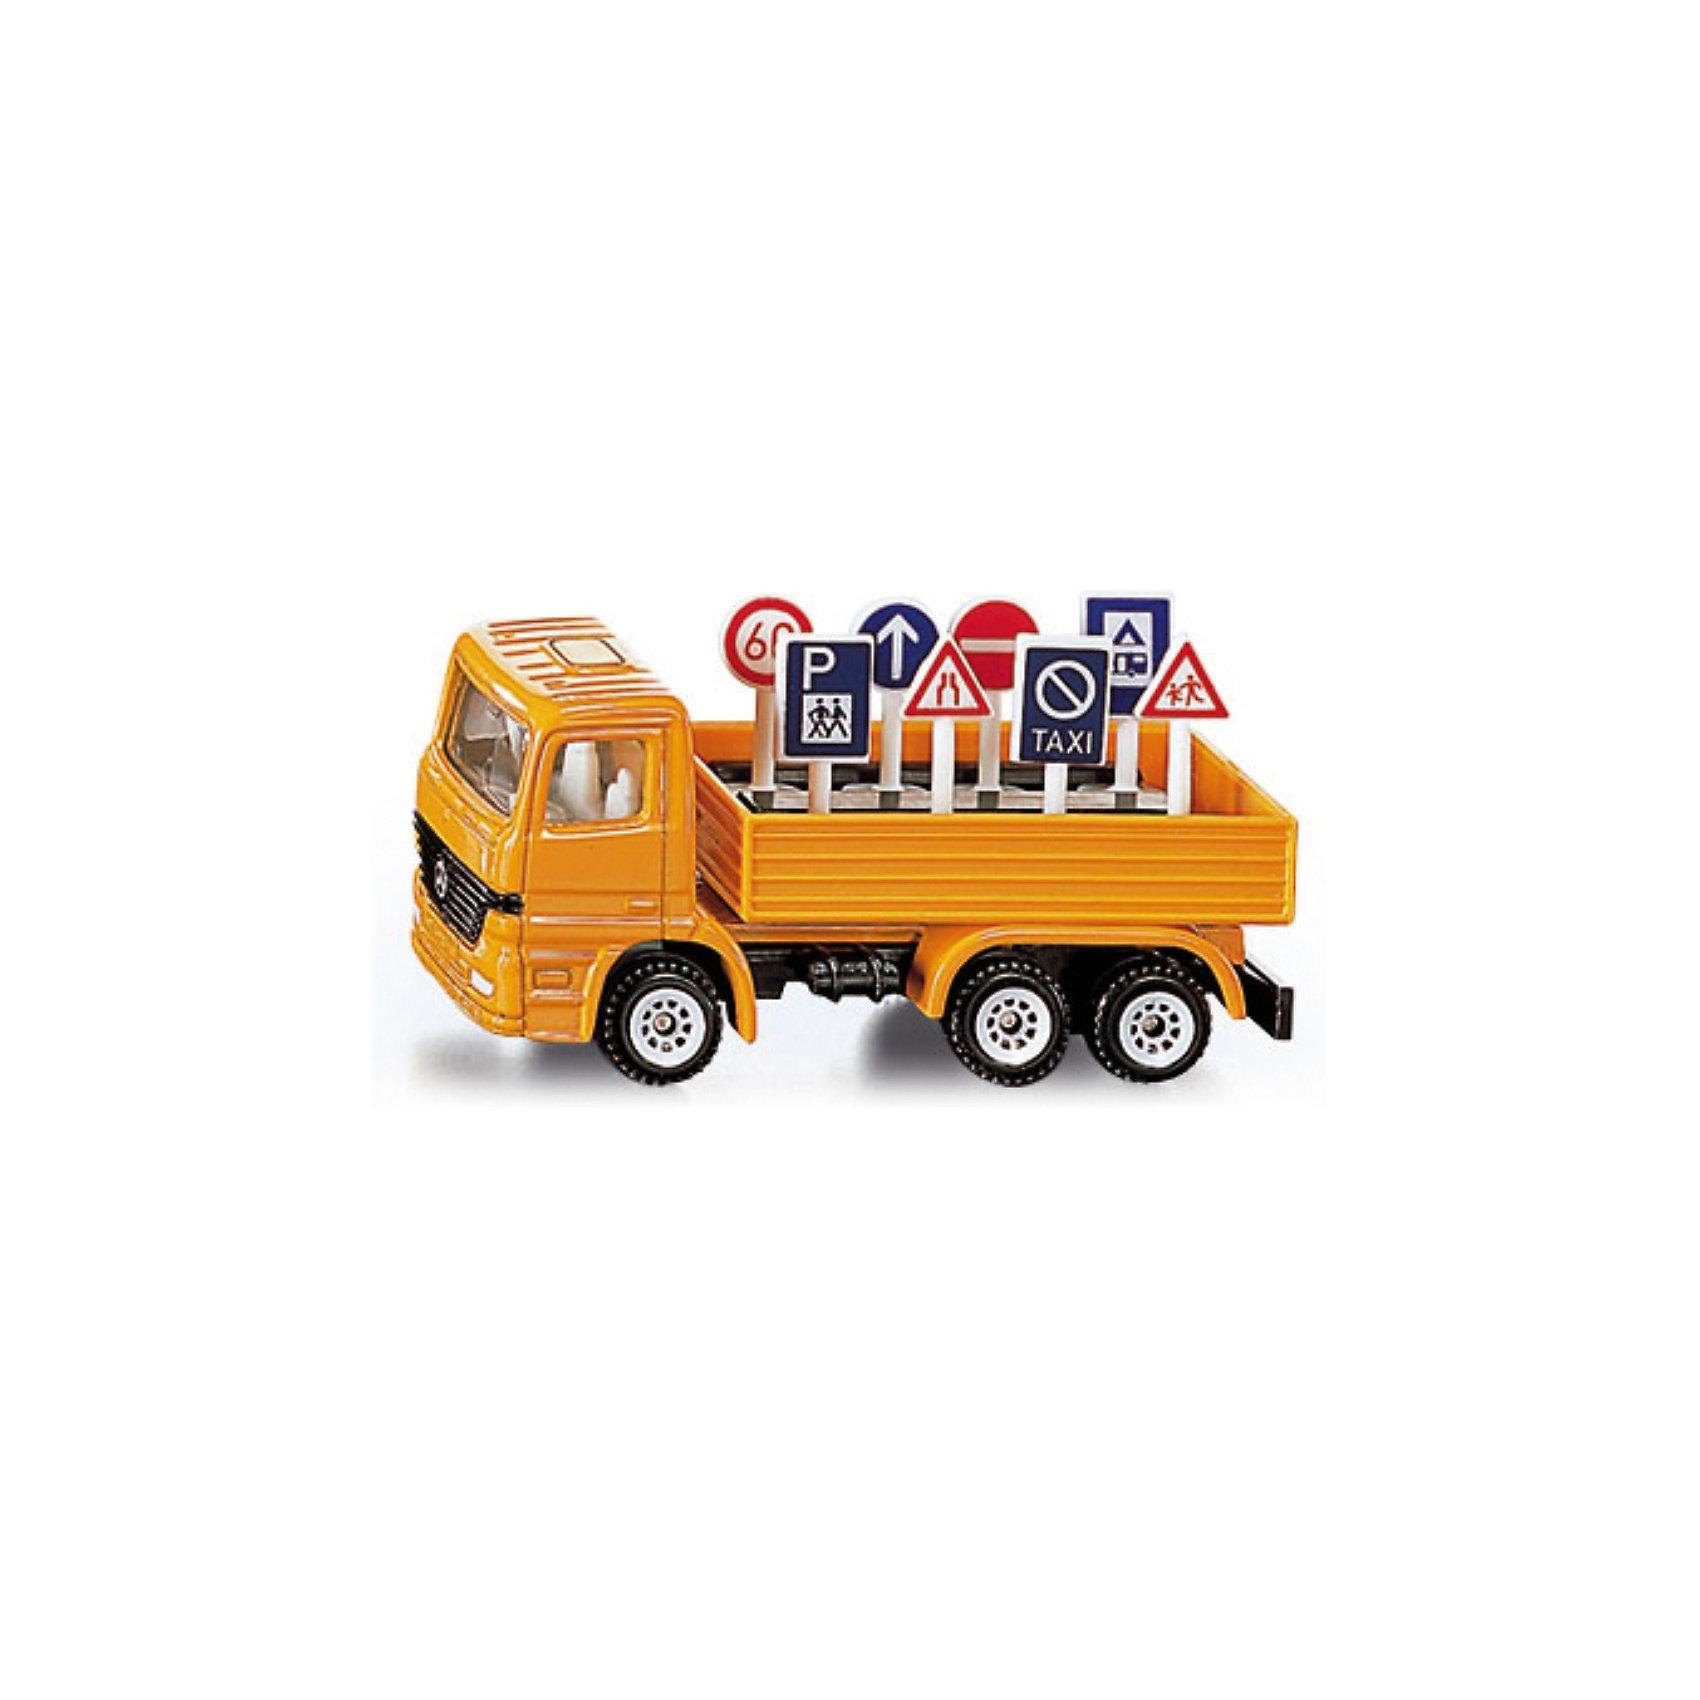 SIKU 1322 Грузовик с дорожными знакамиКоврики и дорожные знаки<br>Игрушечная модель грузовика с дорожными знаками в кузове имеет  кабину и шасси из металла, лобовое стекло и боковые стёкла из прозрачного пластика. Кузов грузовика не поднимается и сделан из пластмассы. Пластиковые колёса вращаются и позволяют катать машинку. Дорожные знаки (8 шт.) выполнены из пластика и вынимаются из кузова.<br><br>Дополнительная информация:<br><br>Размеры (Д/Ш/В): 7,7 см x 2,9 см x 3,2 см<br><br>SIKU 1322 Грузовик с дорожными знаками можно купить в нашем магазине.<br><br>Ширина мм: 96<br>Глубина мм: 78<br>Высота мм: 32<br>Вес г: 54<br>Возраст от месяцев: 36<br>Возраст до месяцев: 96<br>Пол: Мужской<br>Возраст: Детский<br>SKU: 1503785